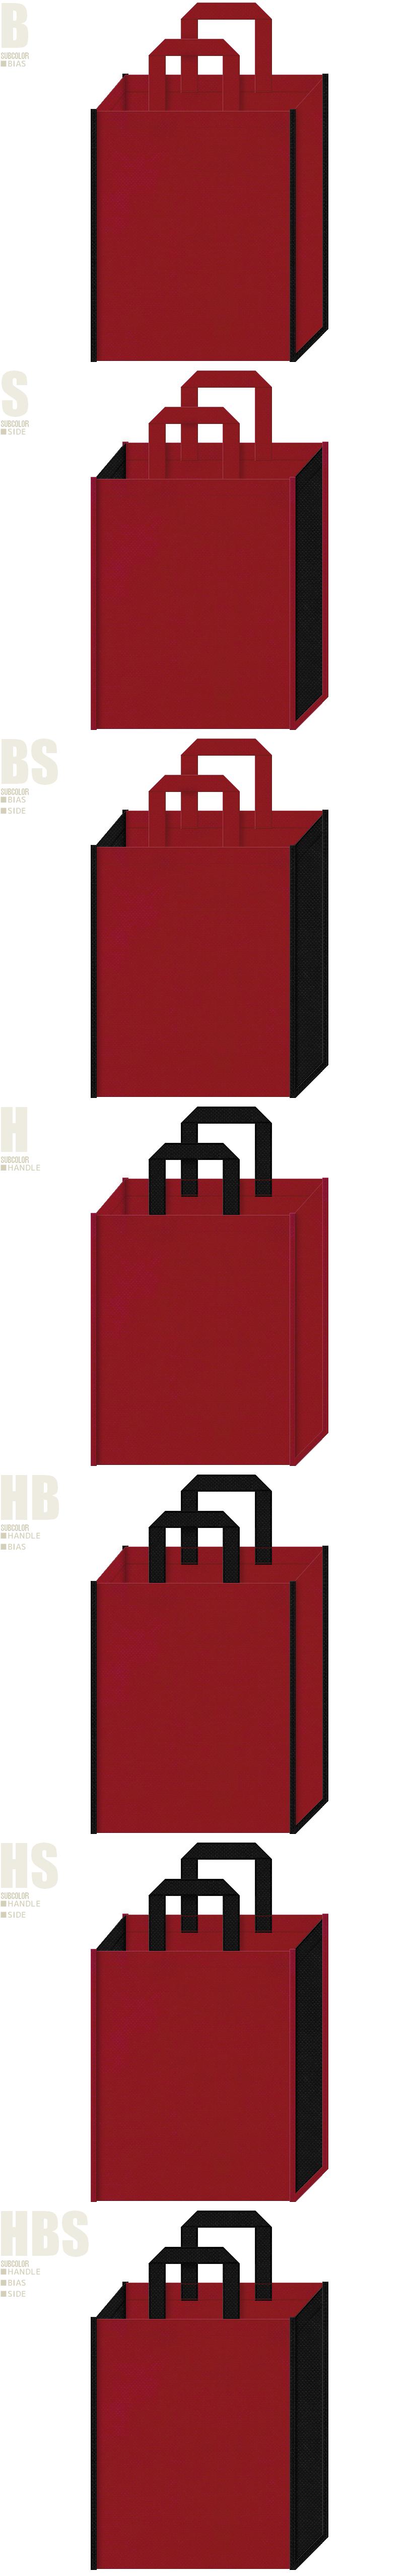 舞踏会・緞帳・音楽・楽器・クラッシック・演奏会・コンサートにお奨めの不織布バッグデザイン:エンジ色と黒色の配色7パターン